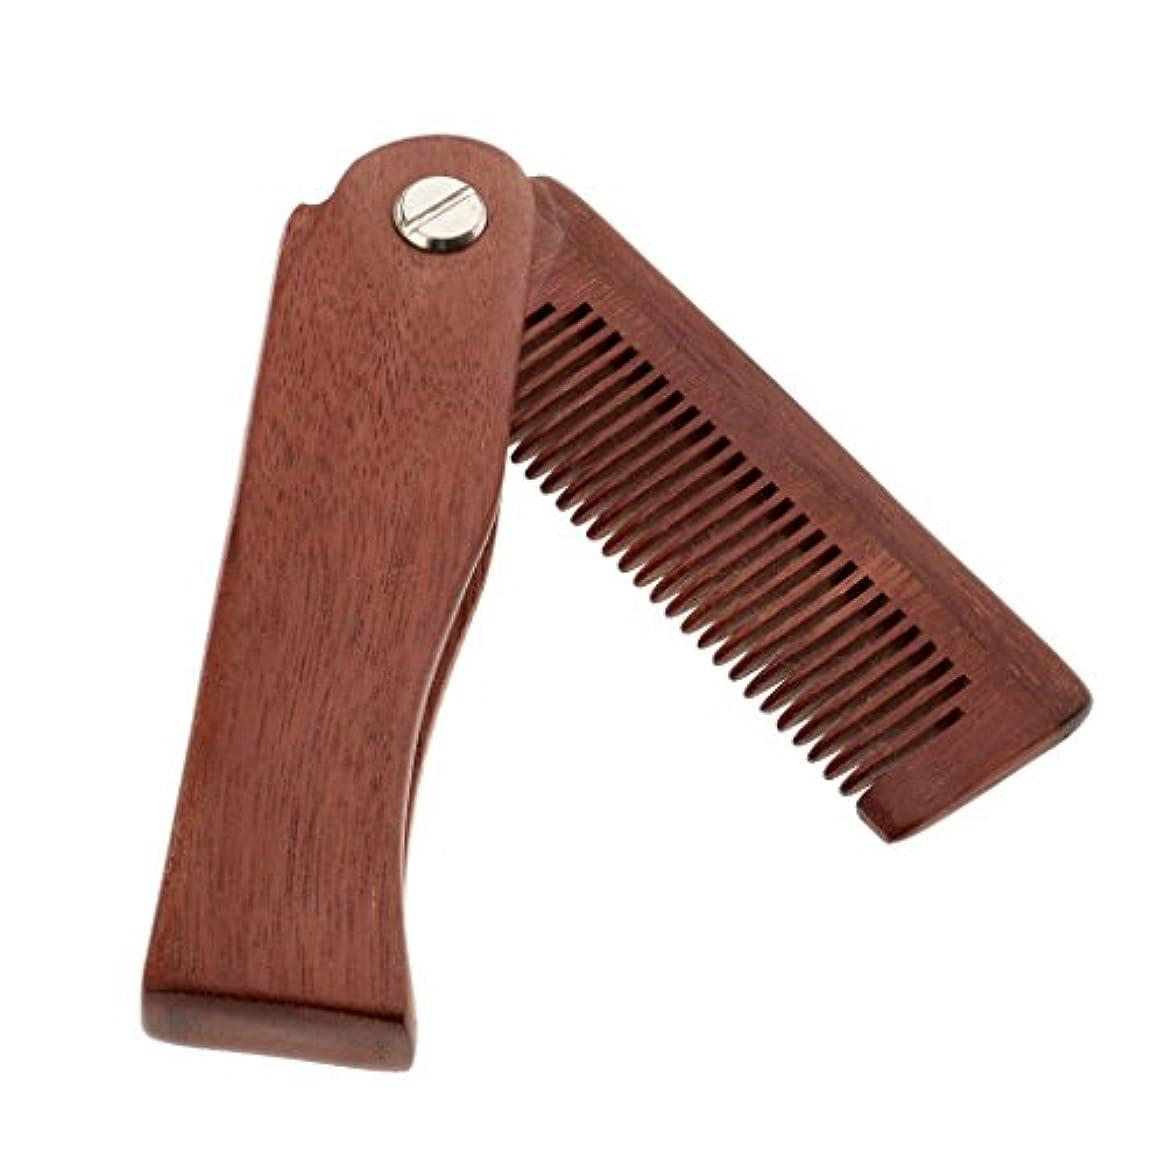 発明する報告書おかしいB Blesiya ひげ剃り櫛 コーム 木製櫛 折りたたみ メンズ 毛ひげの櫛